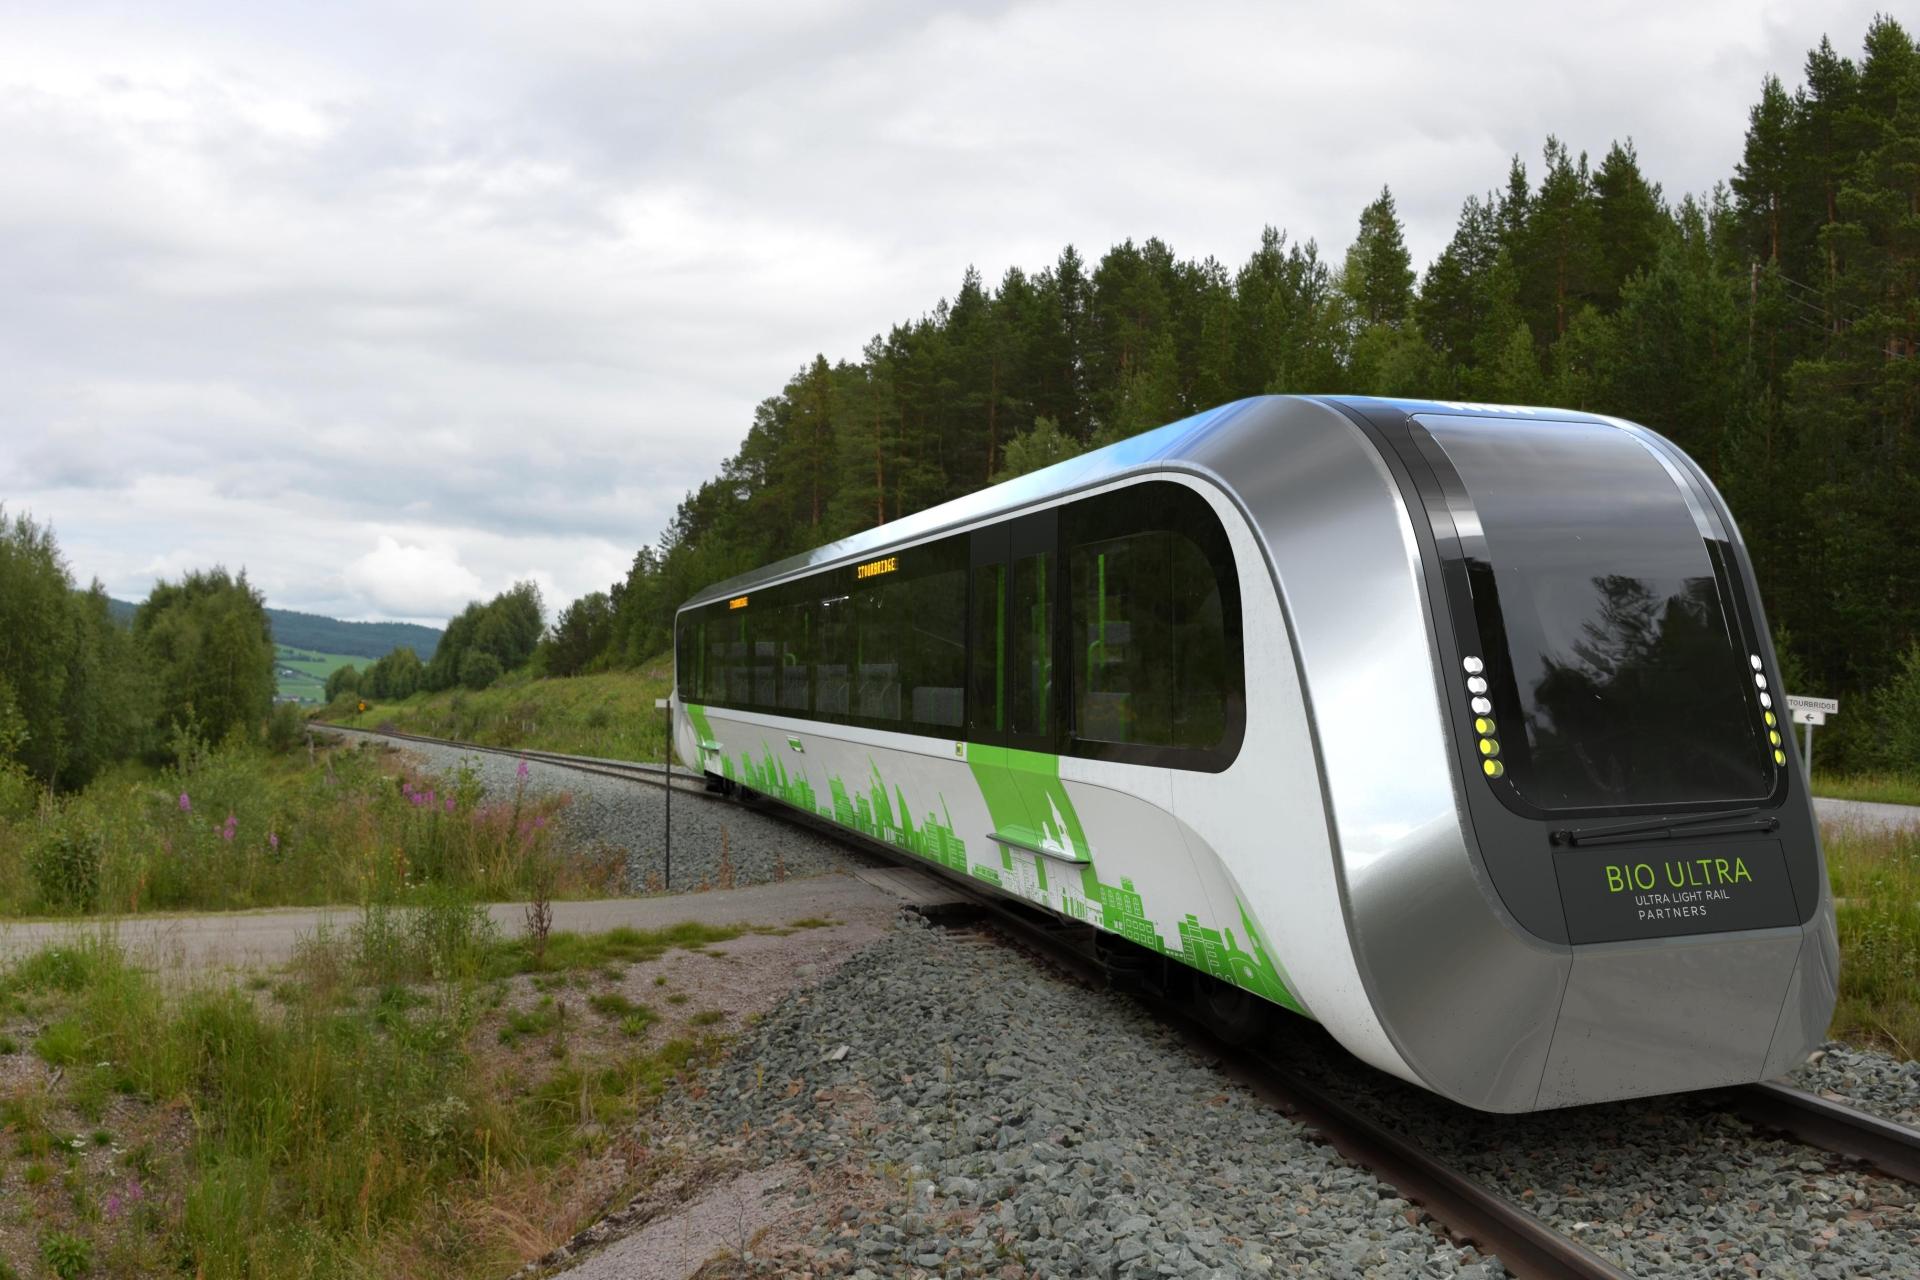 bioultra-lekki-pojazd-szynowy-biometan